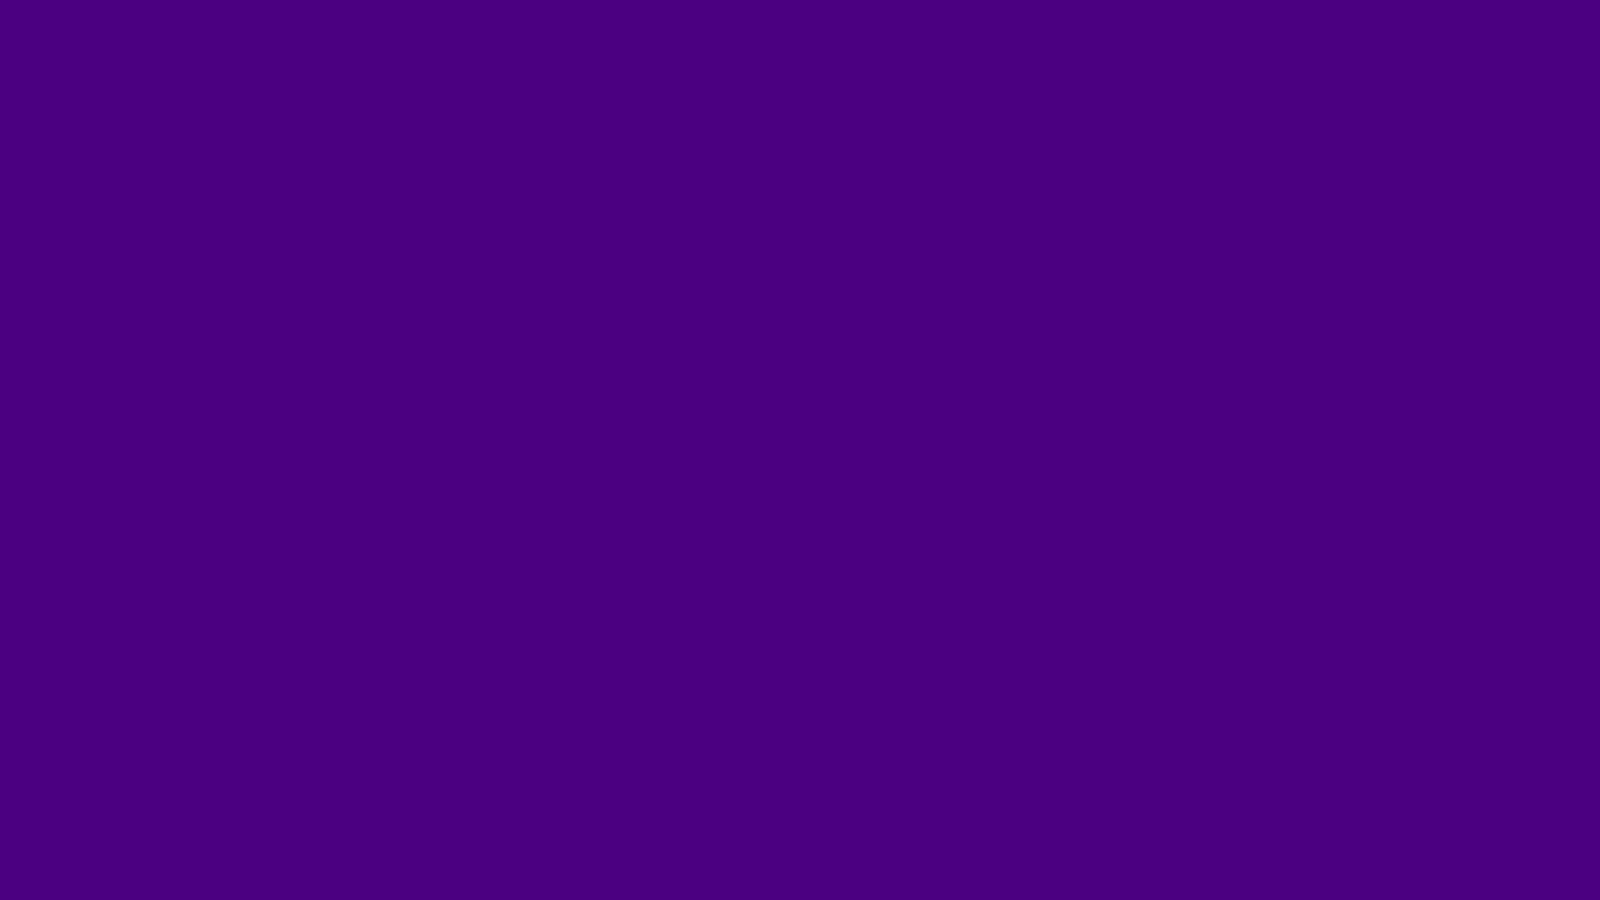 1600x900 Indigo Web Solid Color Background